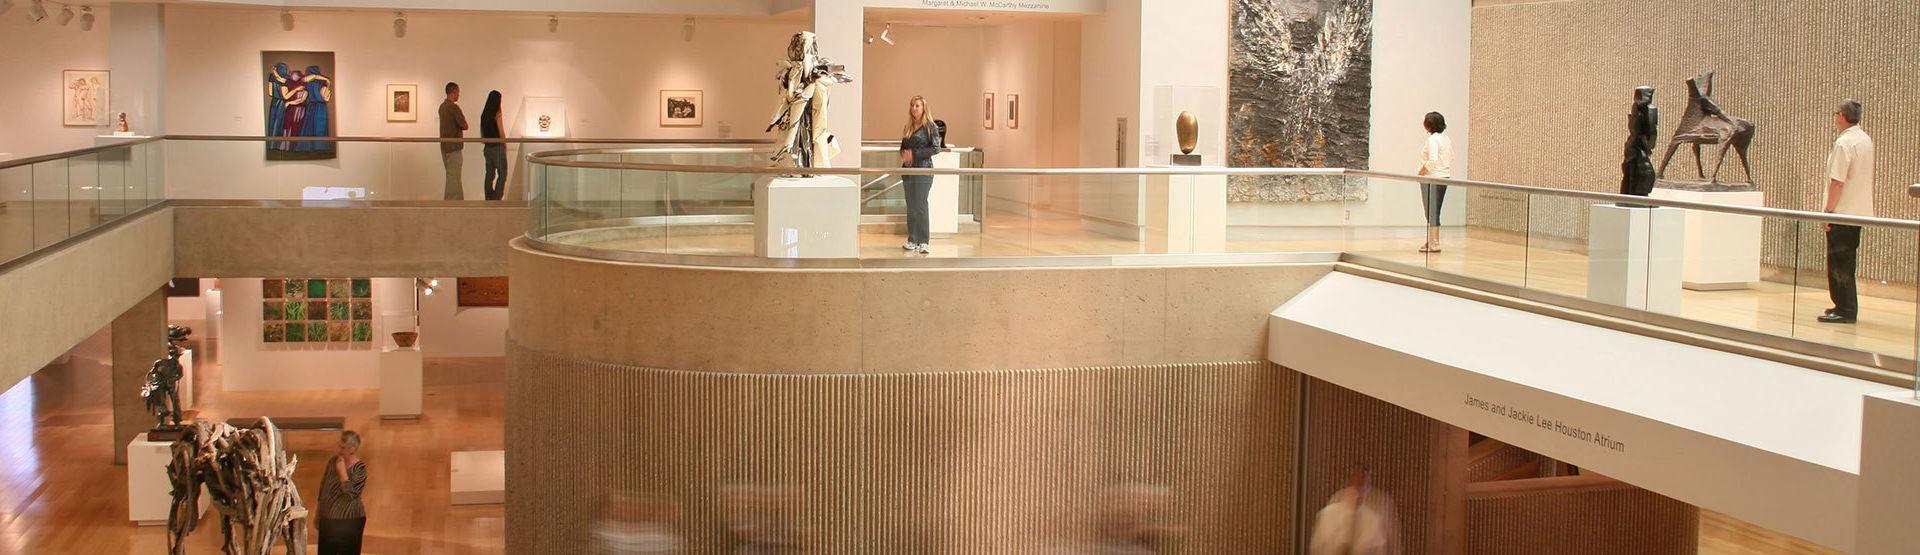 header_museums__hero.jpg